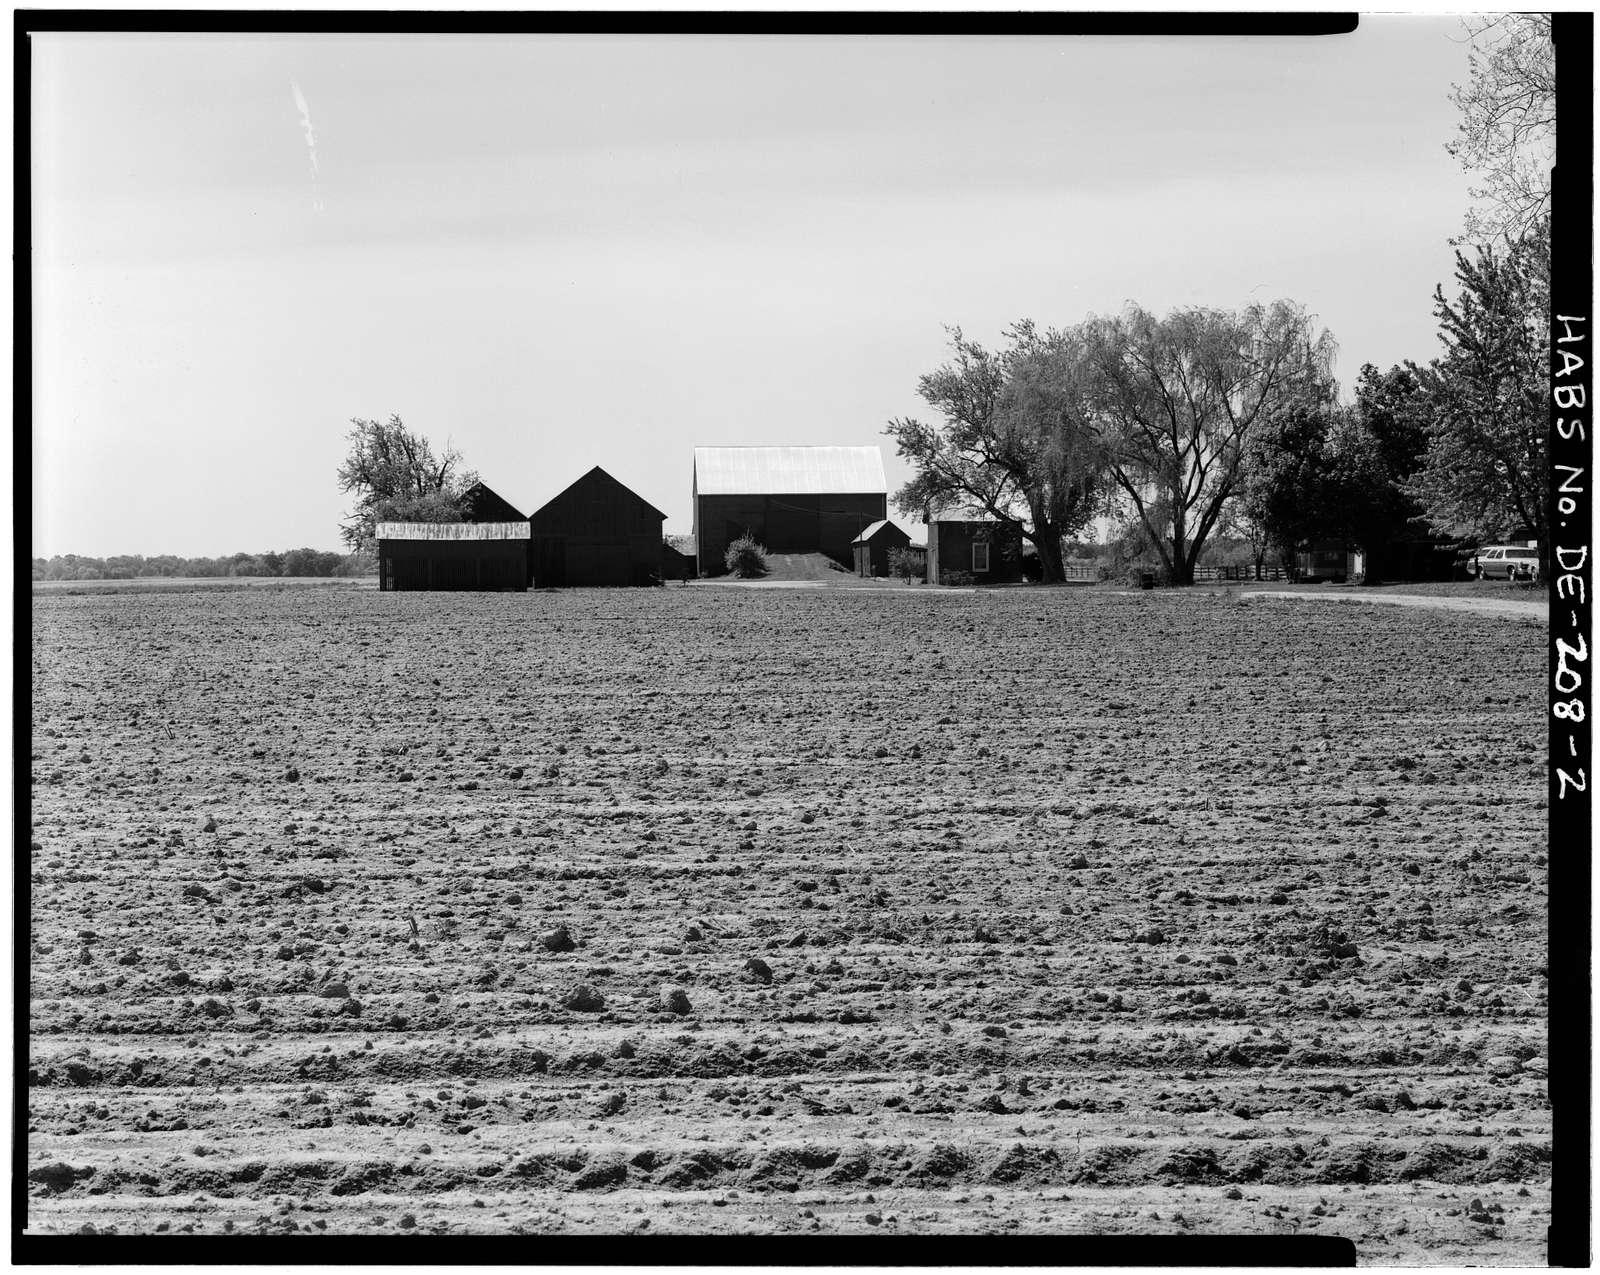 Cochran Grange, U.S. Route 301, West of Route 71, Middletown, New Castle County, DE